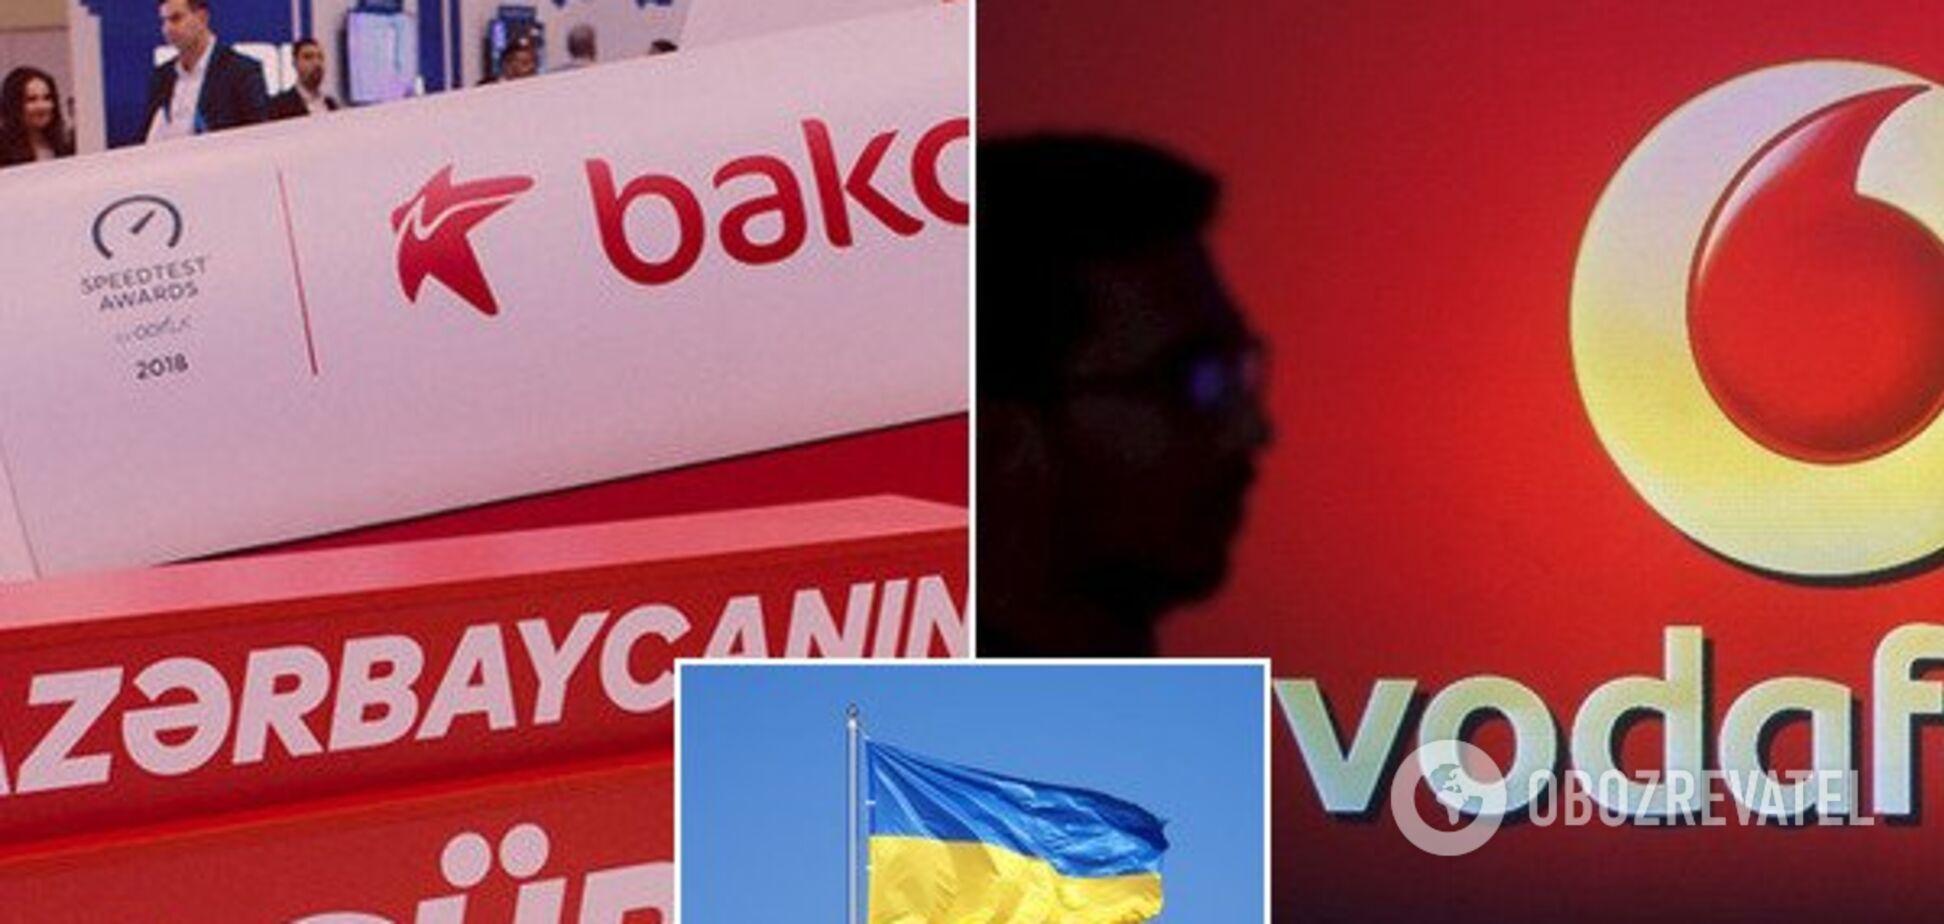 Россия продаст весь бизнес 'Vodafone Украина': что теперь будет